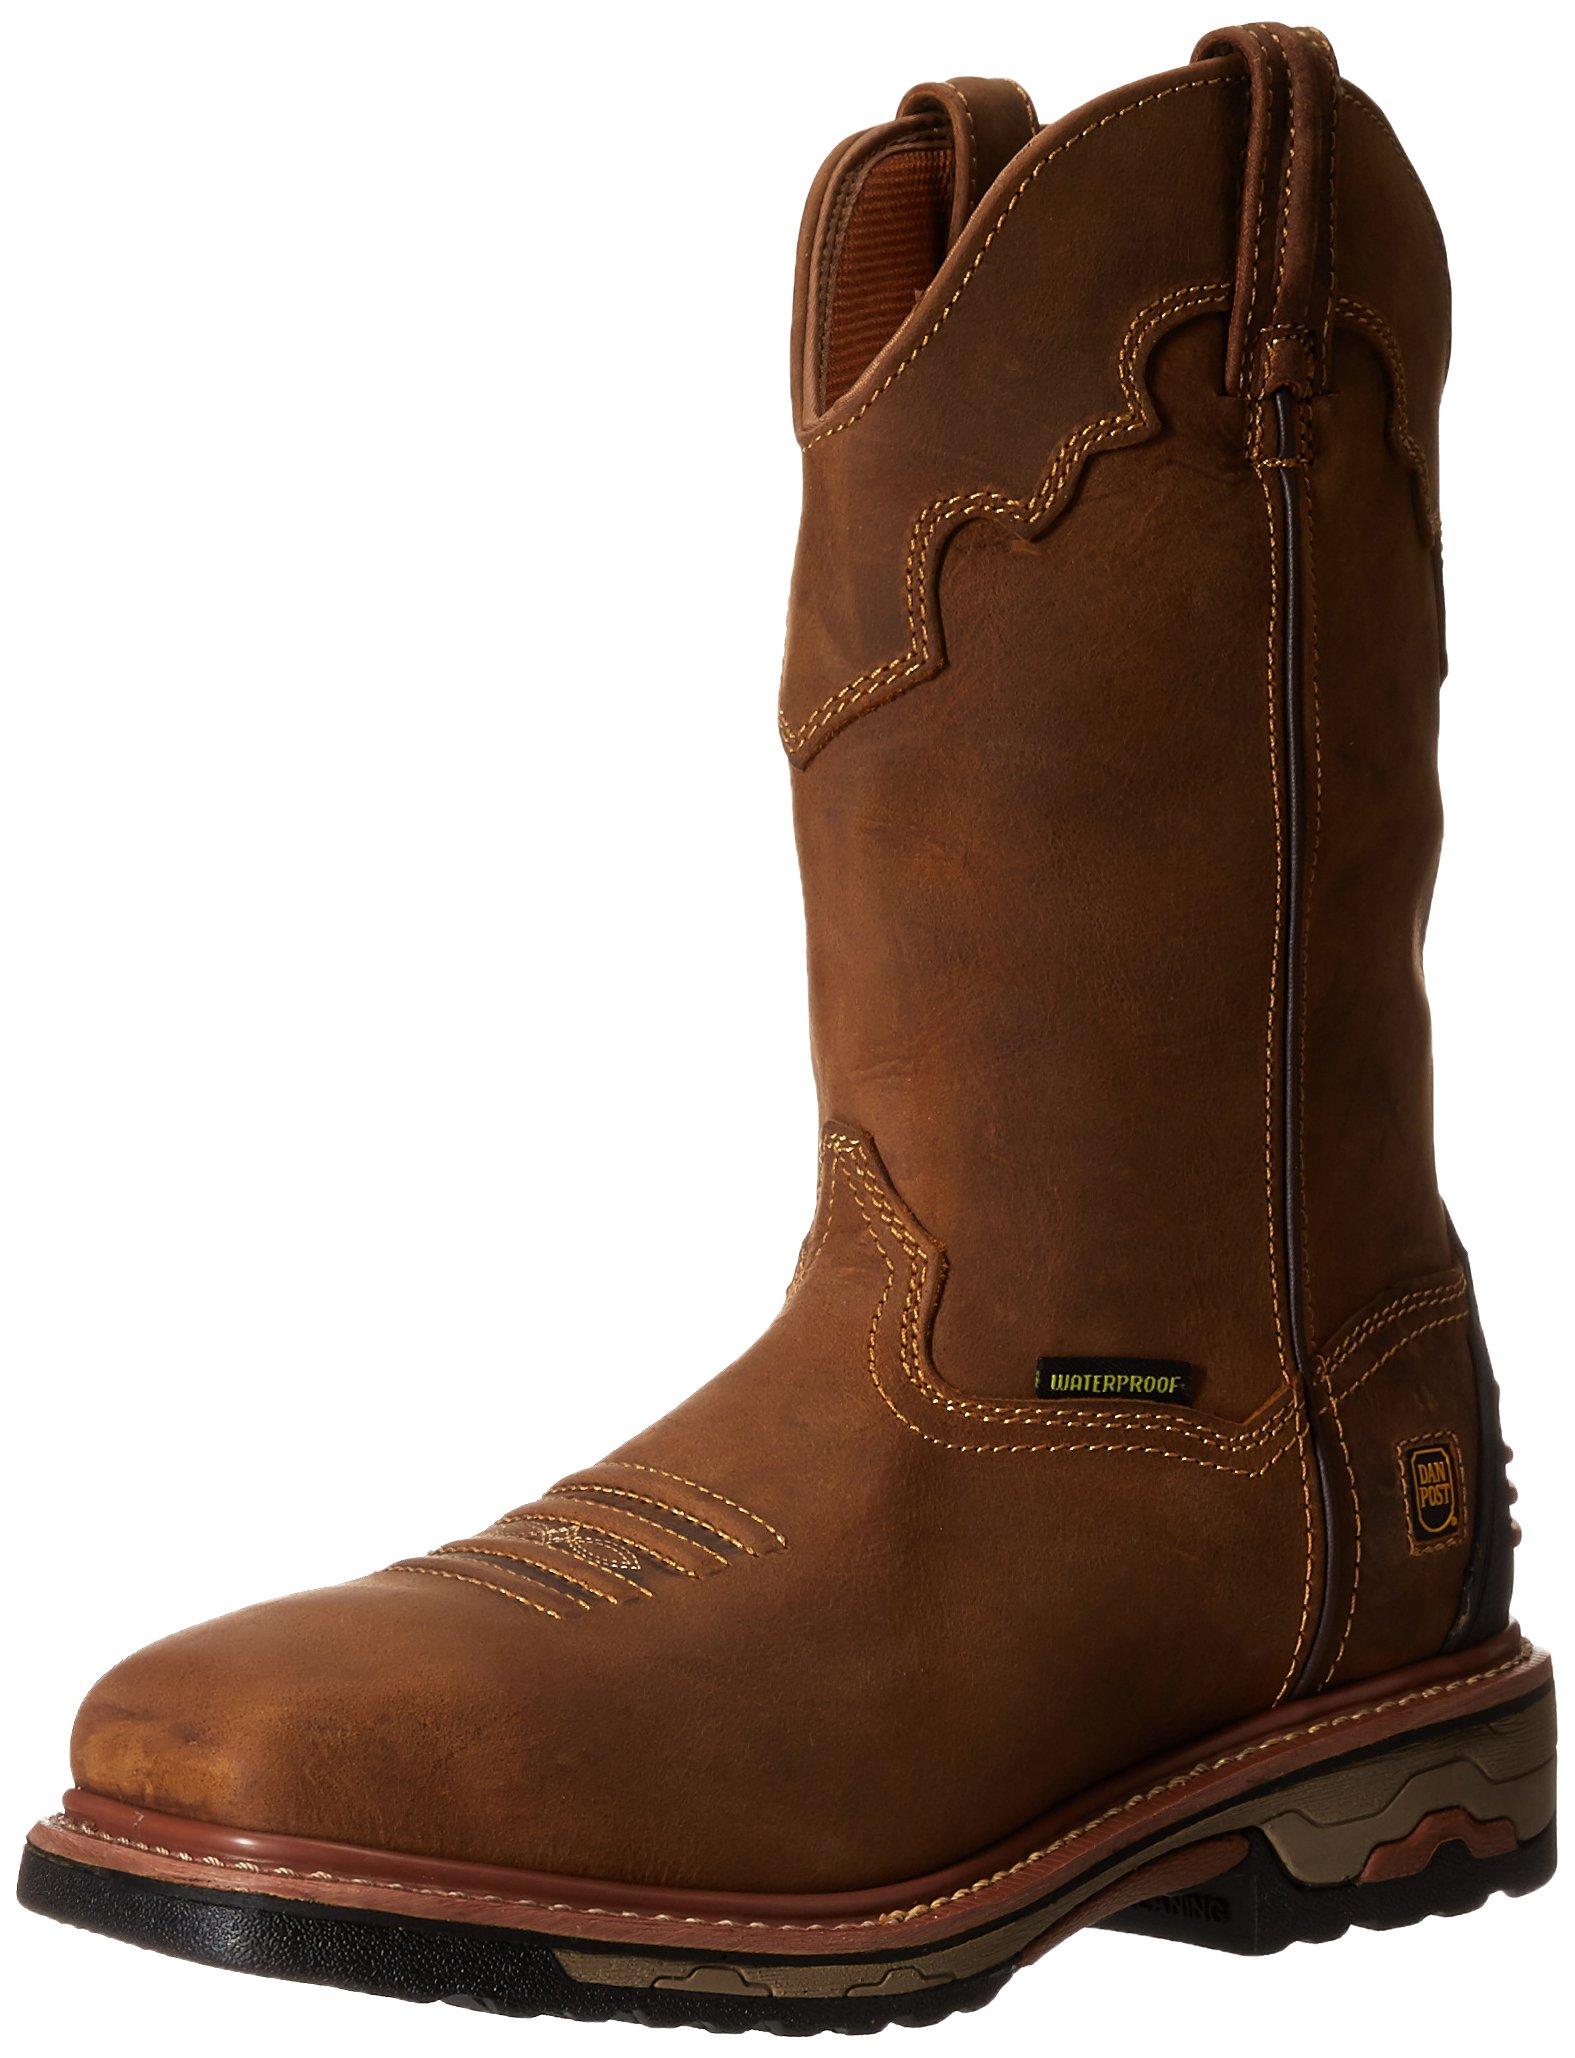 Dan Post Men's Blayde Steel Toe Work Boot, Saddle